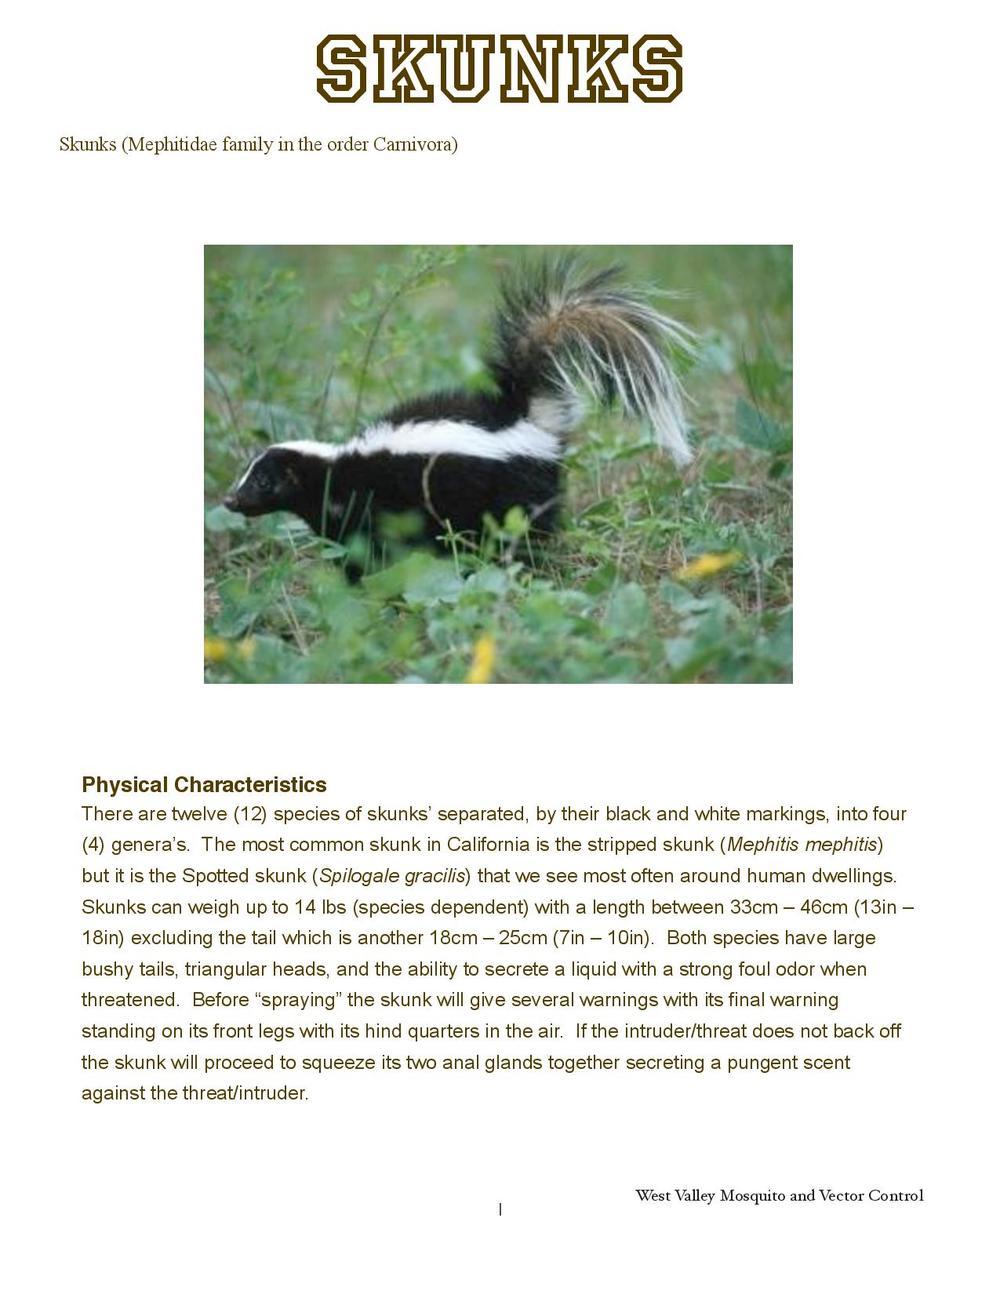 Skunks-page-001.jpg